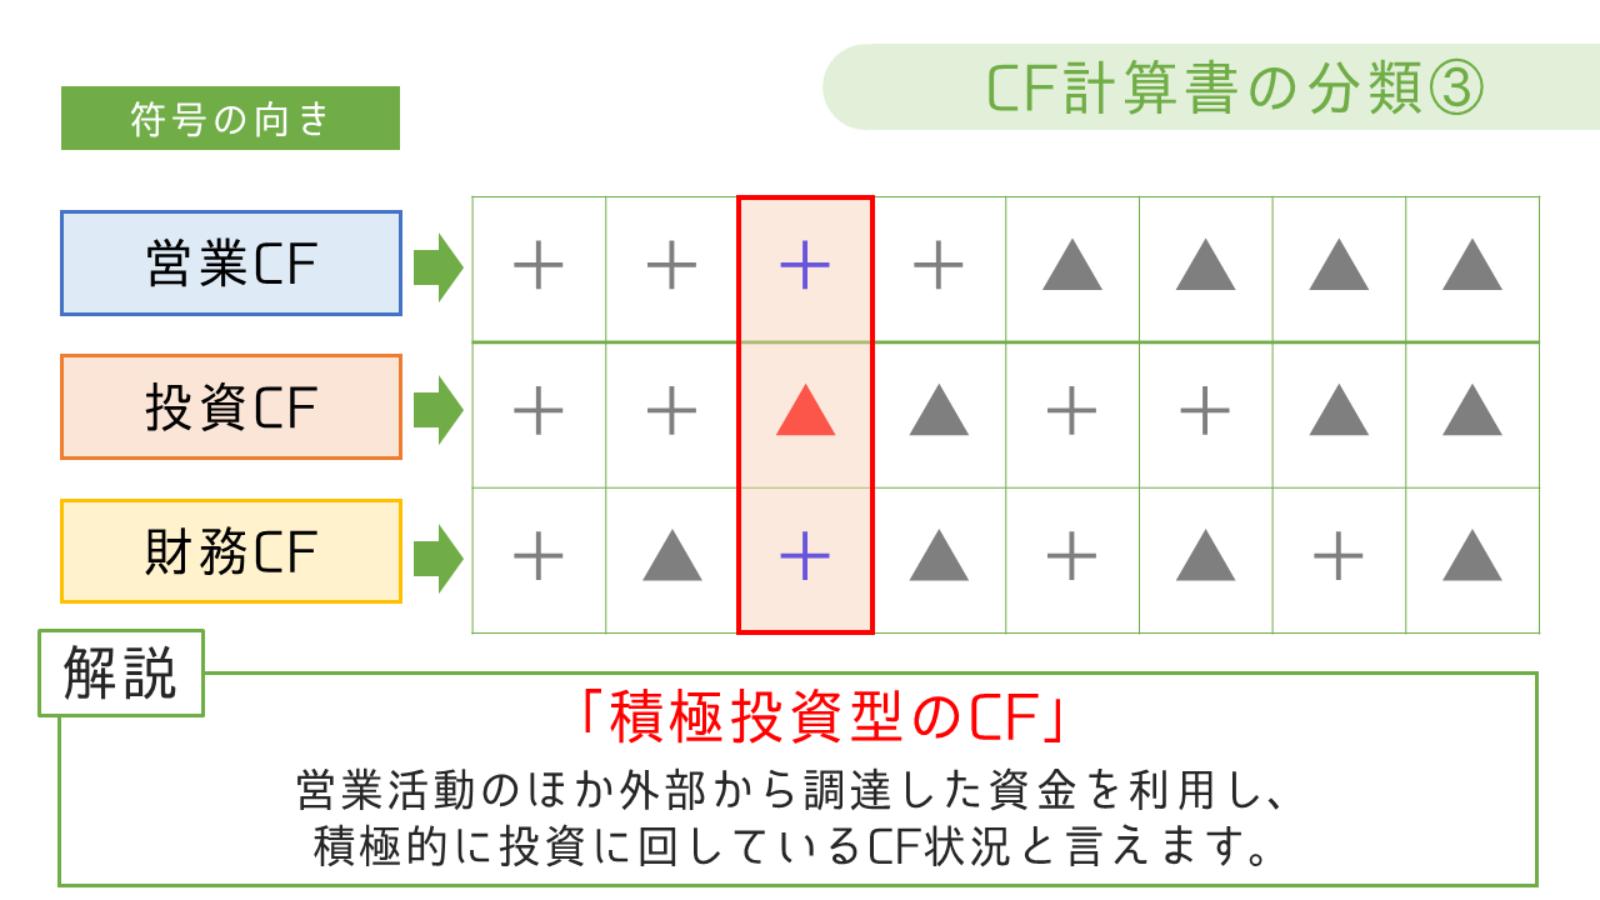 積極投資型のCF